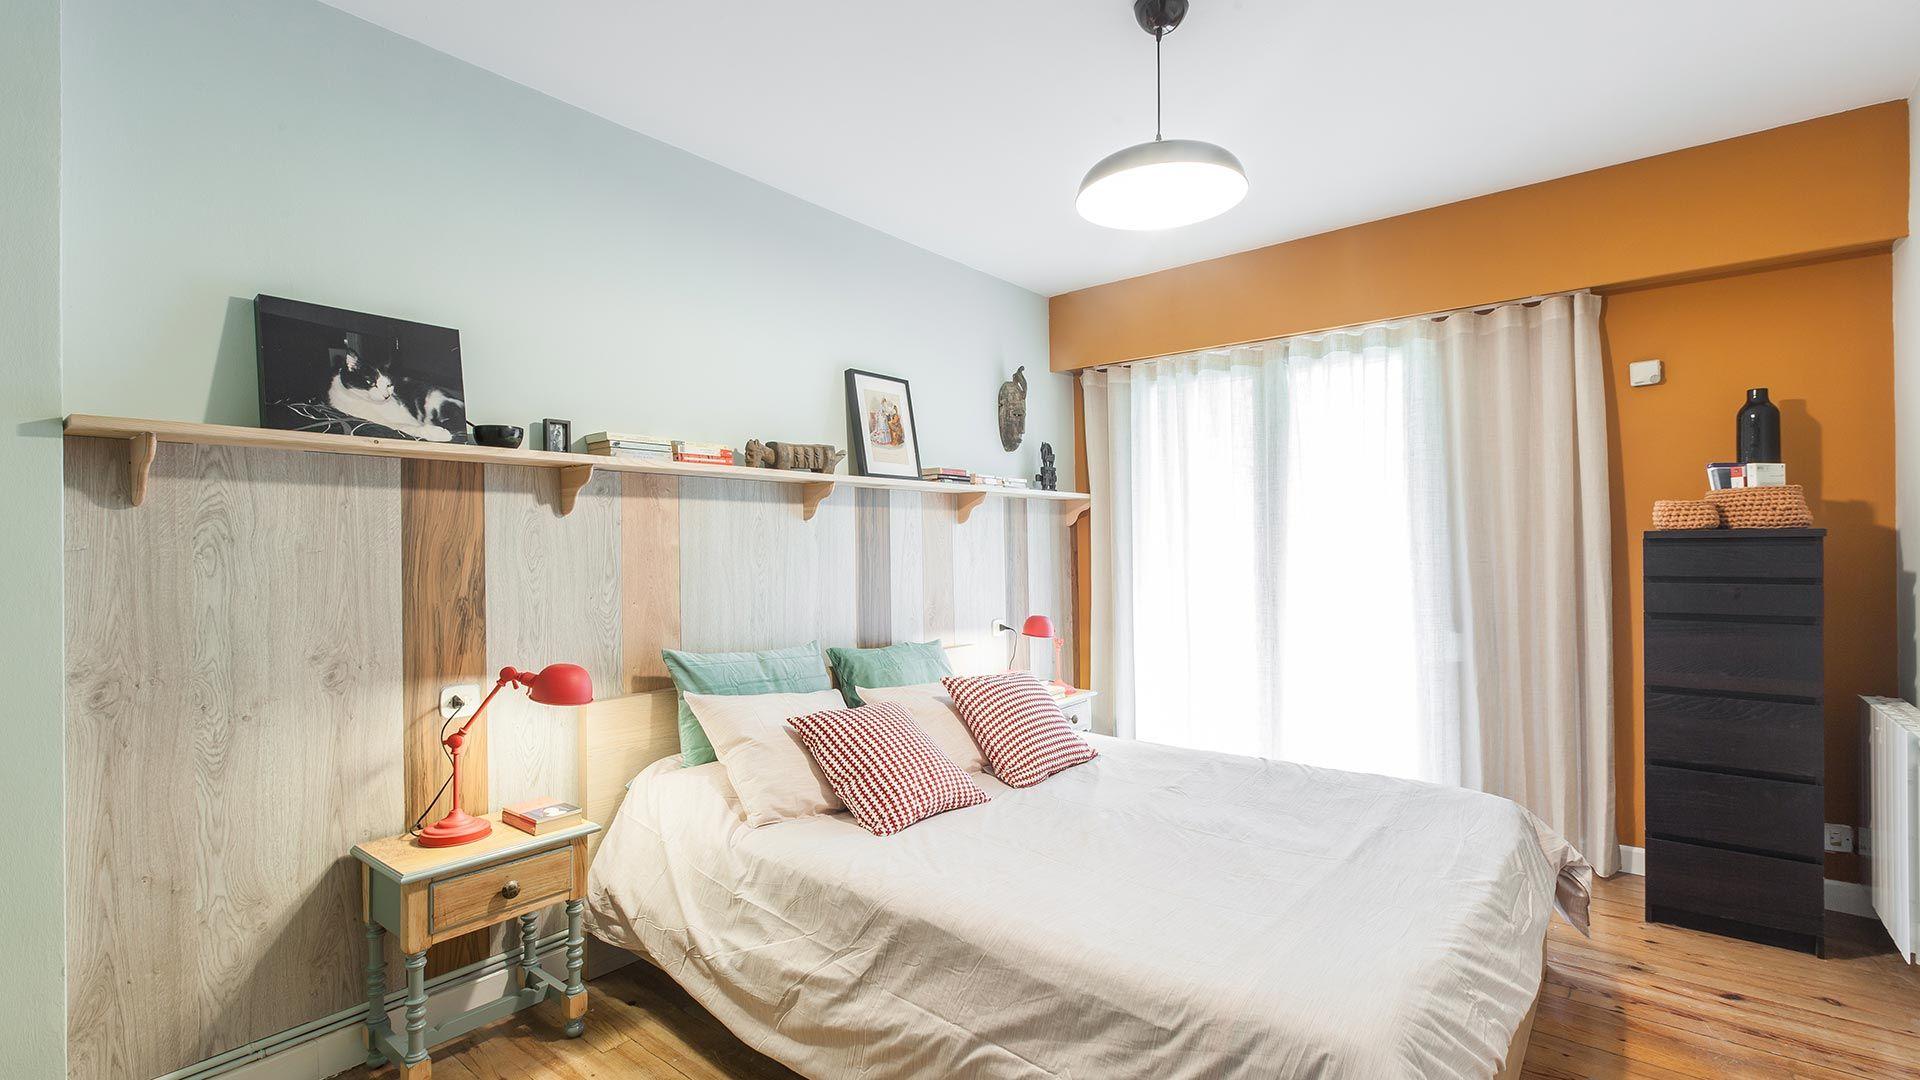 Dormitorio amarillo con friso de madera